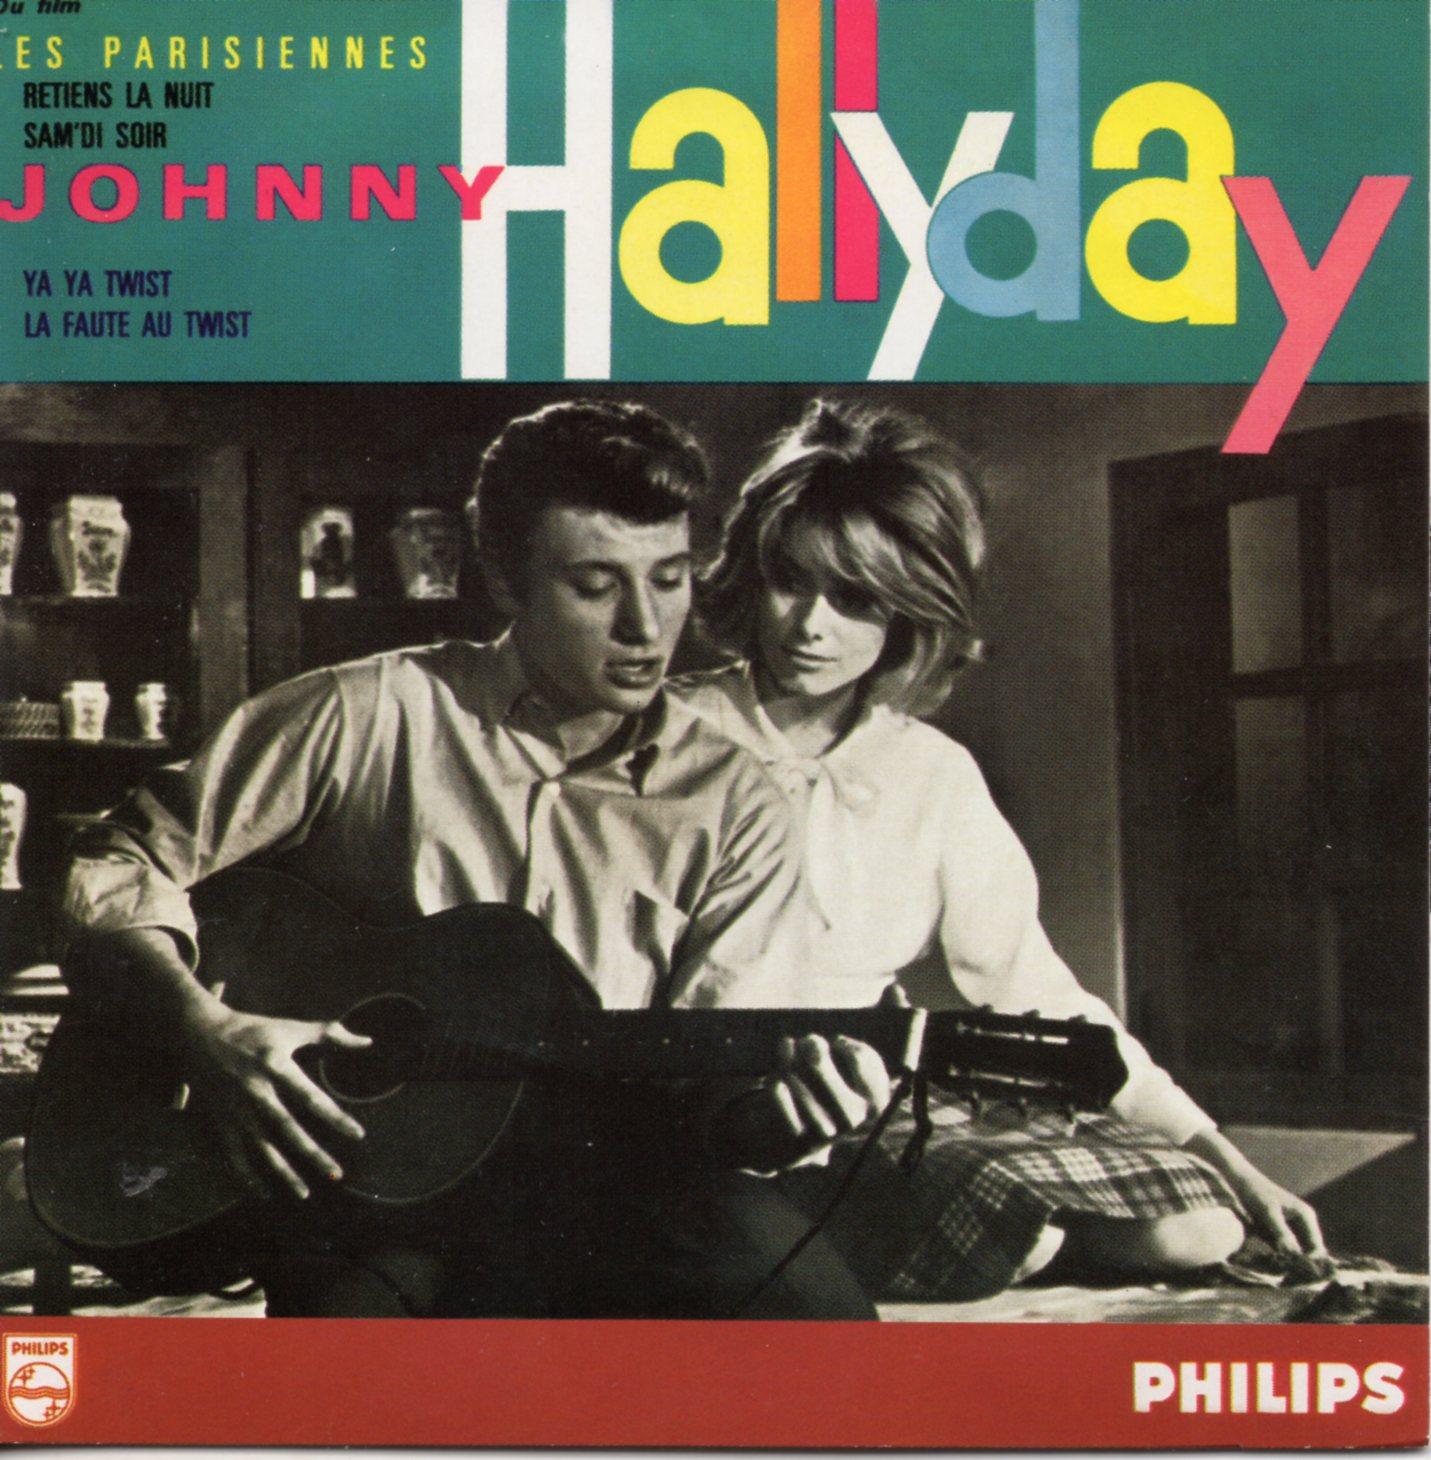 JOHNNY HALLYDAY - CATHERINE DENEUVE - SOUNDTRACK : - Retiens la nuit 4-track CARD SLEEVE 2ème Pochette - CD single